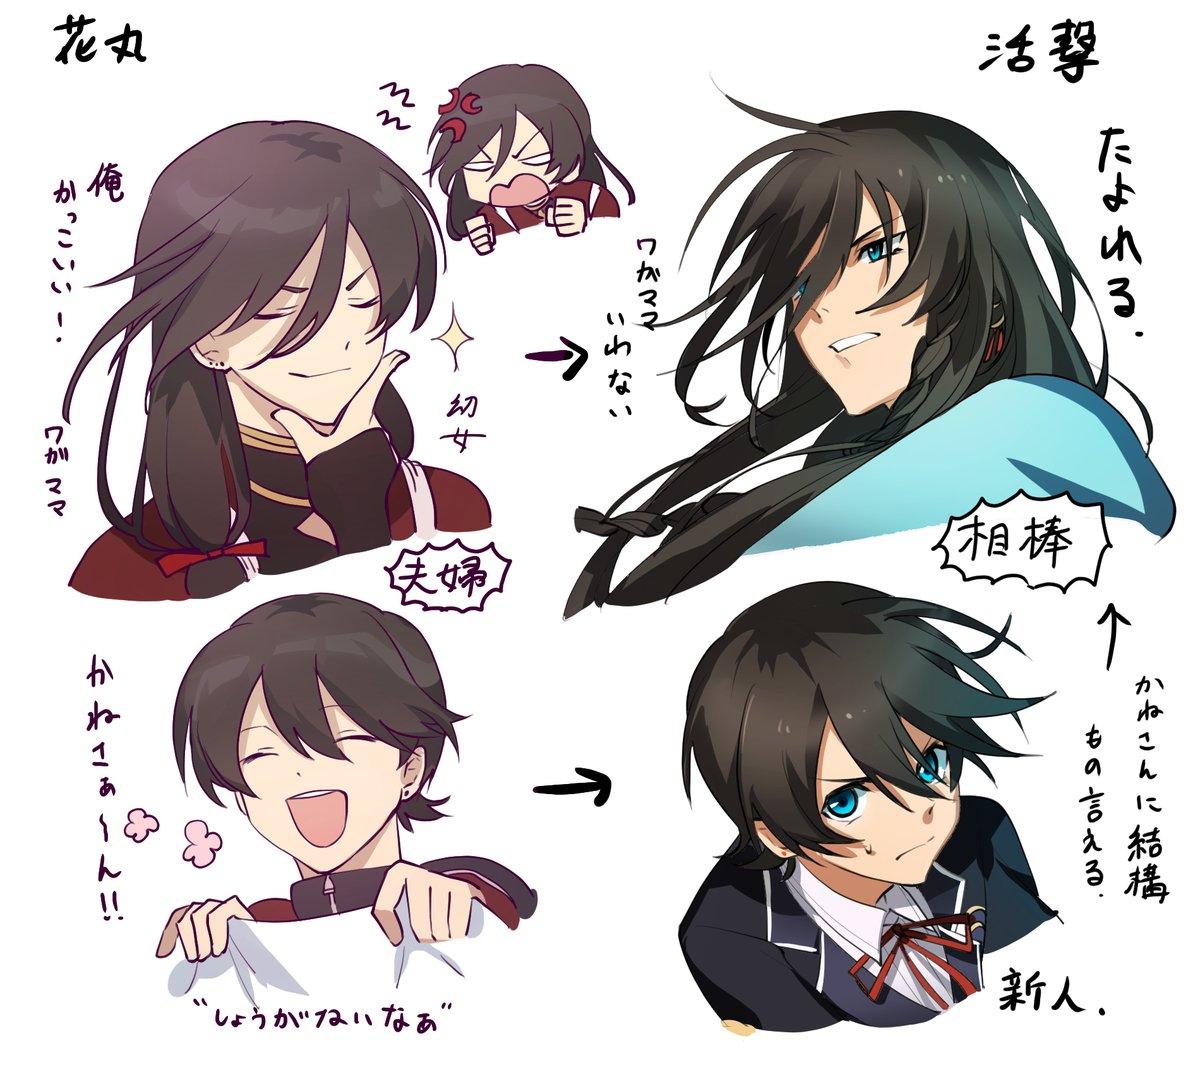 エロ 漫画 新撰組